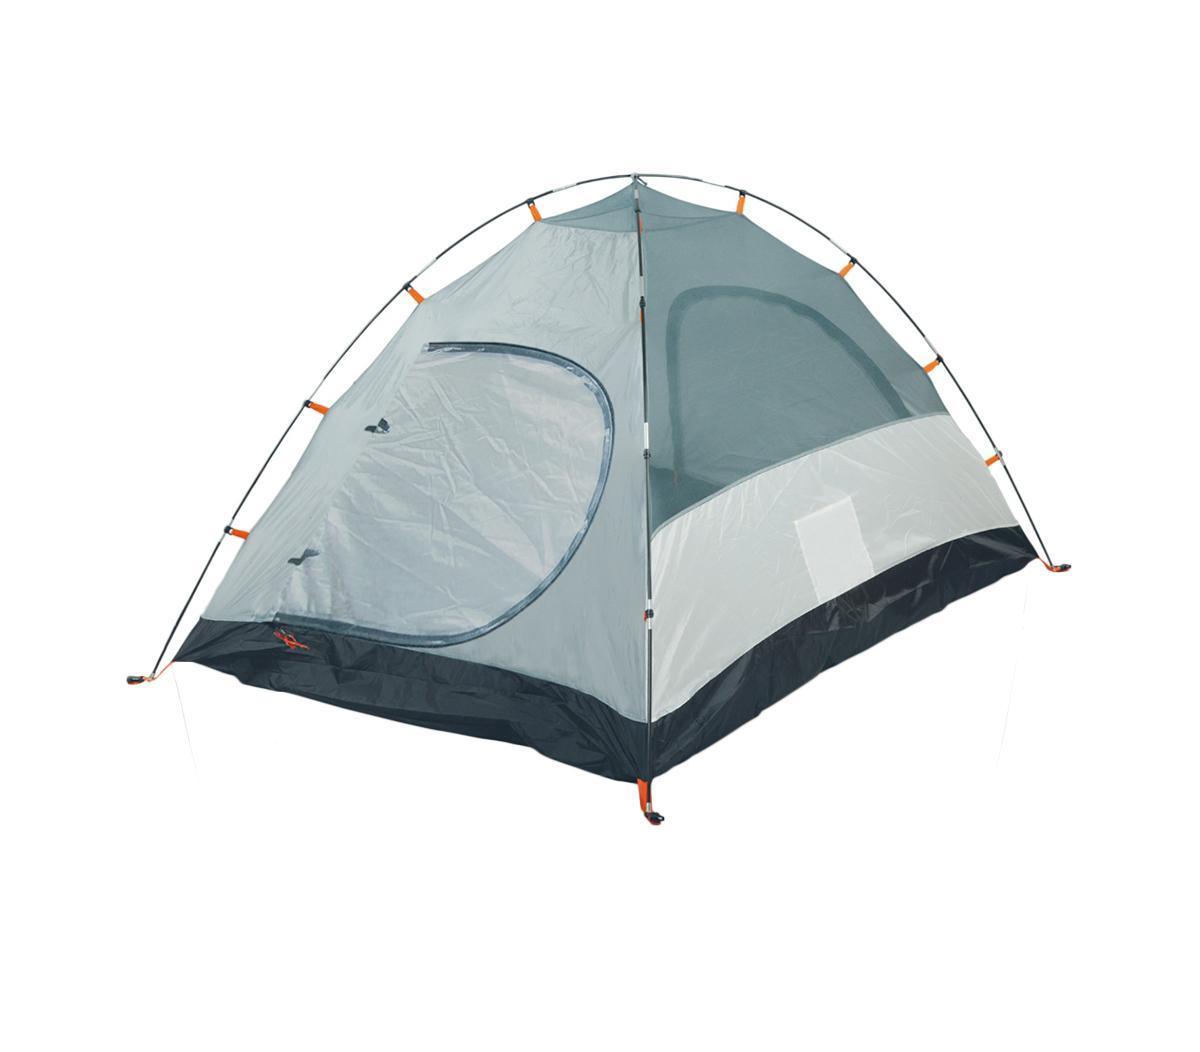 Палатка Husky Bizam 2, цвет: светло-зеленыйWS 7064Палатка Bizam 2 является одной из основных моделей походных палаток Husky и идеально подходит для двоих. Представляет собой двухслойную однокомнатную палатку с двумя входами и тамбуром. Внутренняя палатка выполнена из водоотталкивающего нейлона, швы наружного тента проварены специальной лентой. Палатка с комфортной вентиляционной системой, удобная в использовании благодаря небольшому весу и размеру, предназначена для пешего туризма, кемпинга или велотуризма. К палатке прилагаются — дюралевые колышки, ремкомплект, компрессионный мешок, сетка для мелочей. Характеристики:Количество мест: 2. Размер палатки: 290 см х 145 см х 120 см. Спальная комната: 210 см х 145 см. Количество входов: 2. Дуги из фибергласа: 8,5 мм/7,9 мм. Материал наружного тента: полиэстер 185Т, водостойкость 3000 мм.вд.ст. Материал внутреннего тента: нейлон 190Т, противомоскитные сетки. Материал дна: полиэстер 190Т, водостойкость 6000 мм.вд.ст. Размер в собранном виде:50 см х 14 см х 14 см. Вес:2900 г. Цвет:светло-зеленый. Производитель: Чехия. Изготовитель: Китай.